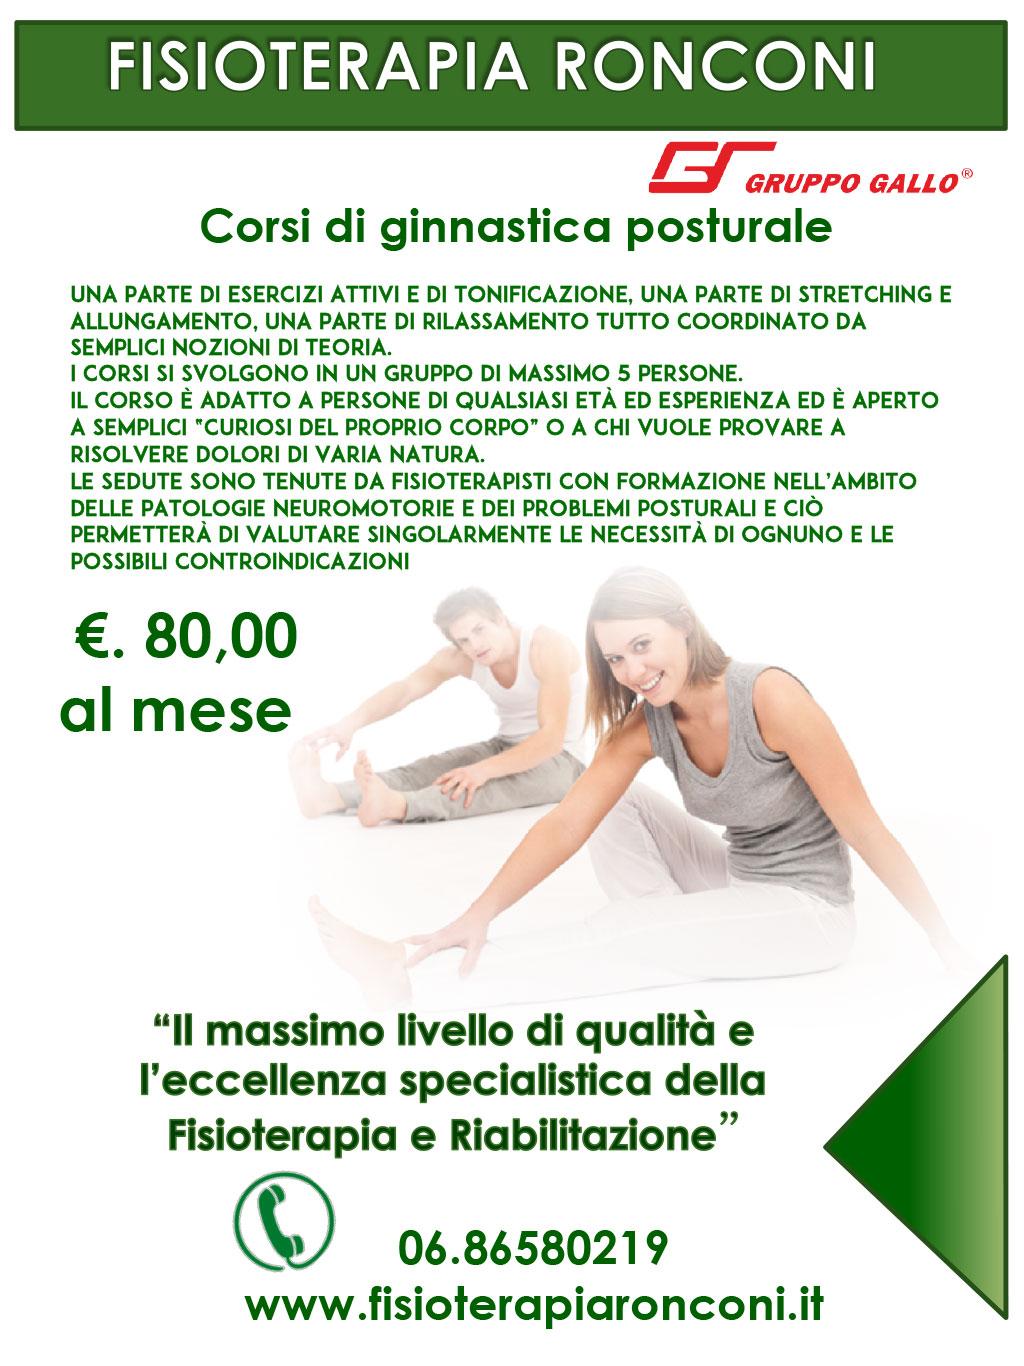 corsi-di-ginnastica-posturale